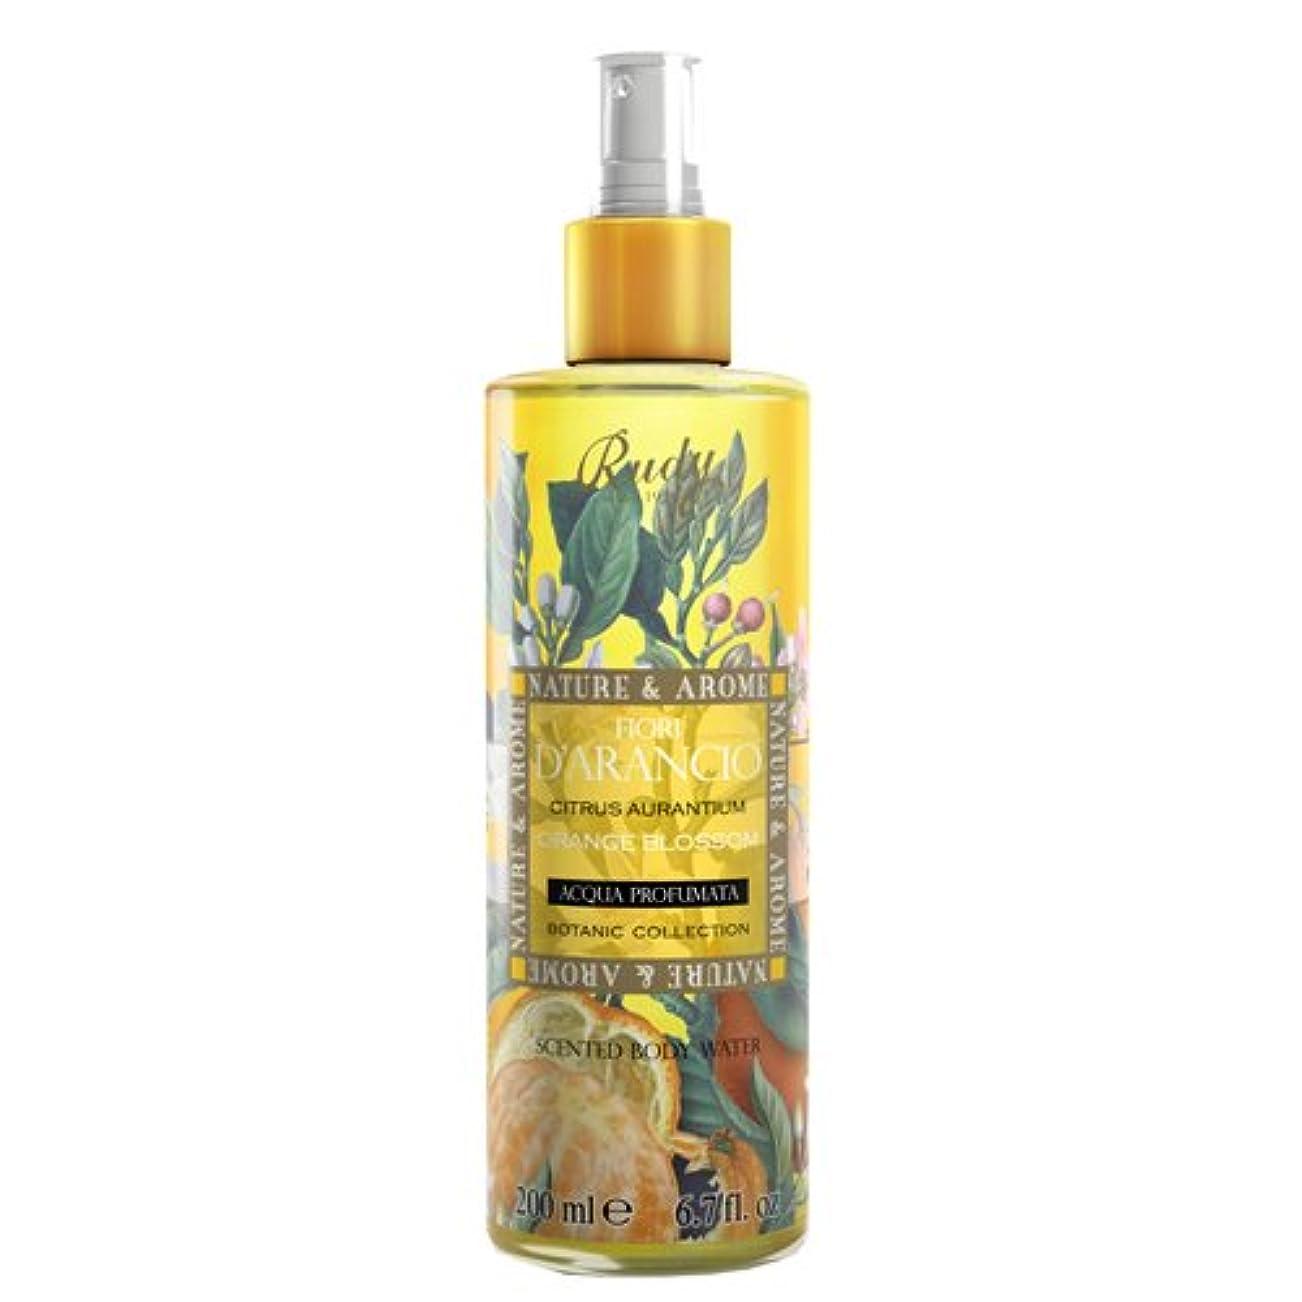 結紮粉砕する接続RUDY Nature&Arome SERIES ルディ ナチュール&アロマ Body Mist ボディミスト オレンジブロッサム